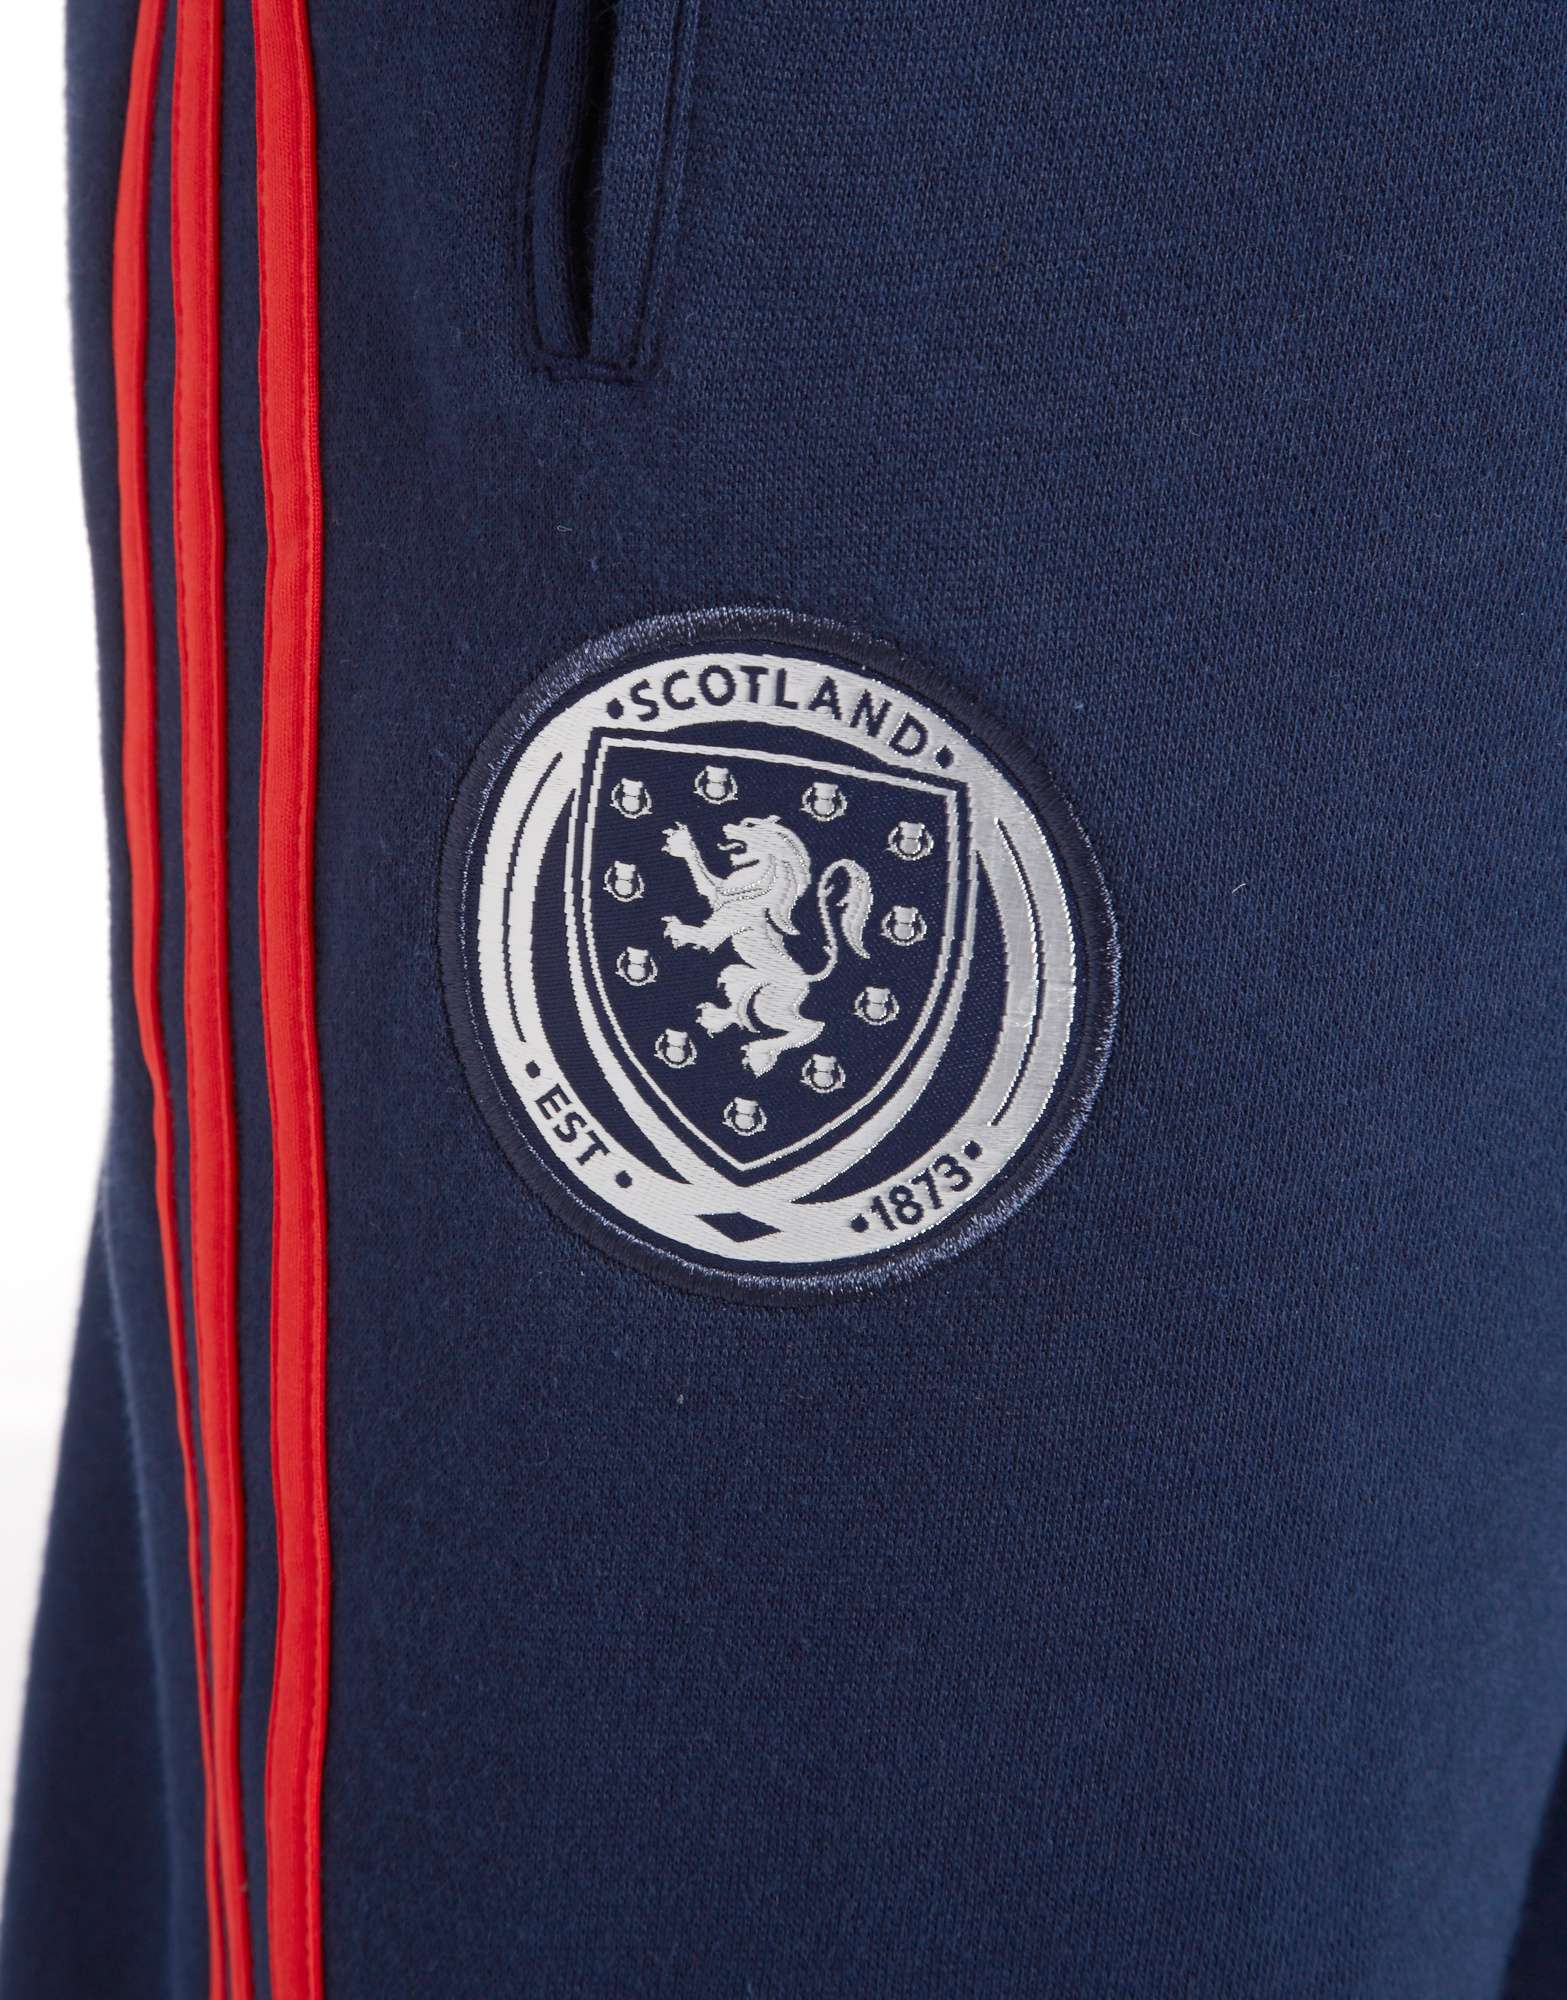 adidas Scotland 2014 Fleece Pants